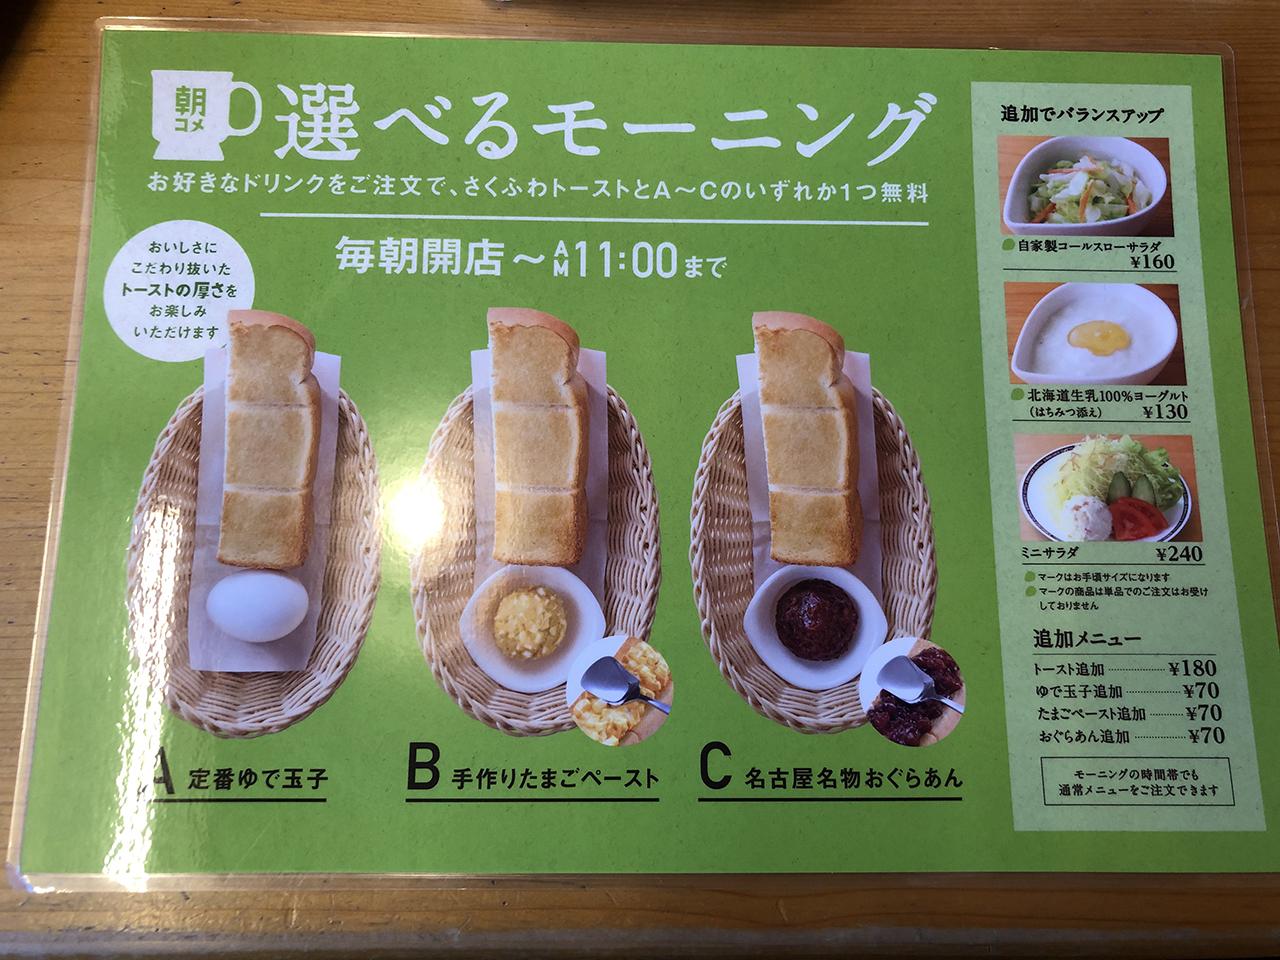 珈琲所コメダ珈琲店 ミスターマックスおゆみ野店の投稿写真6